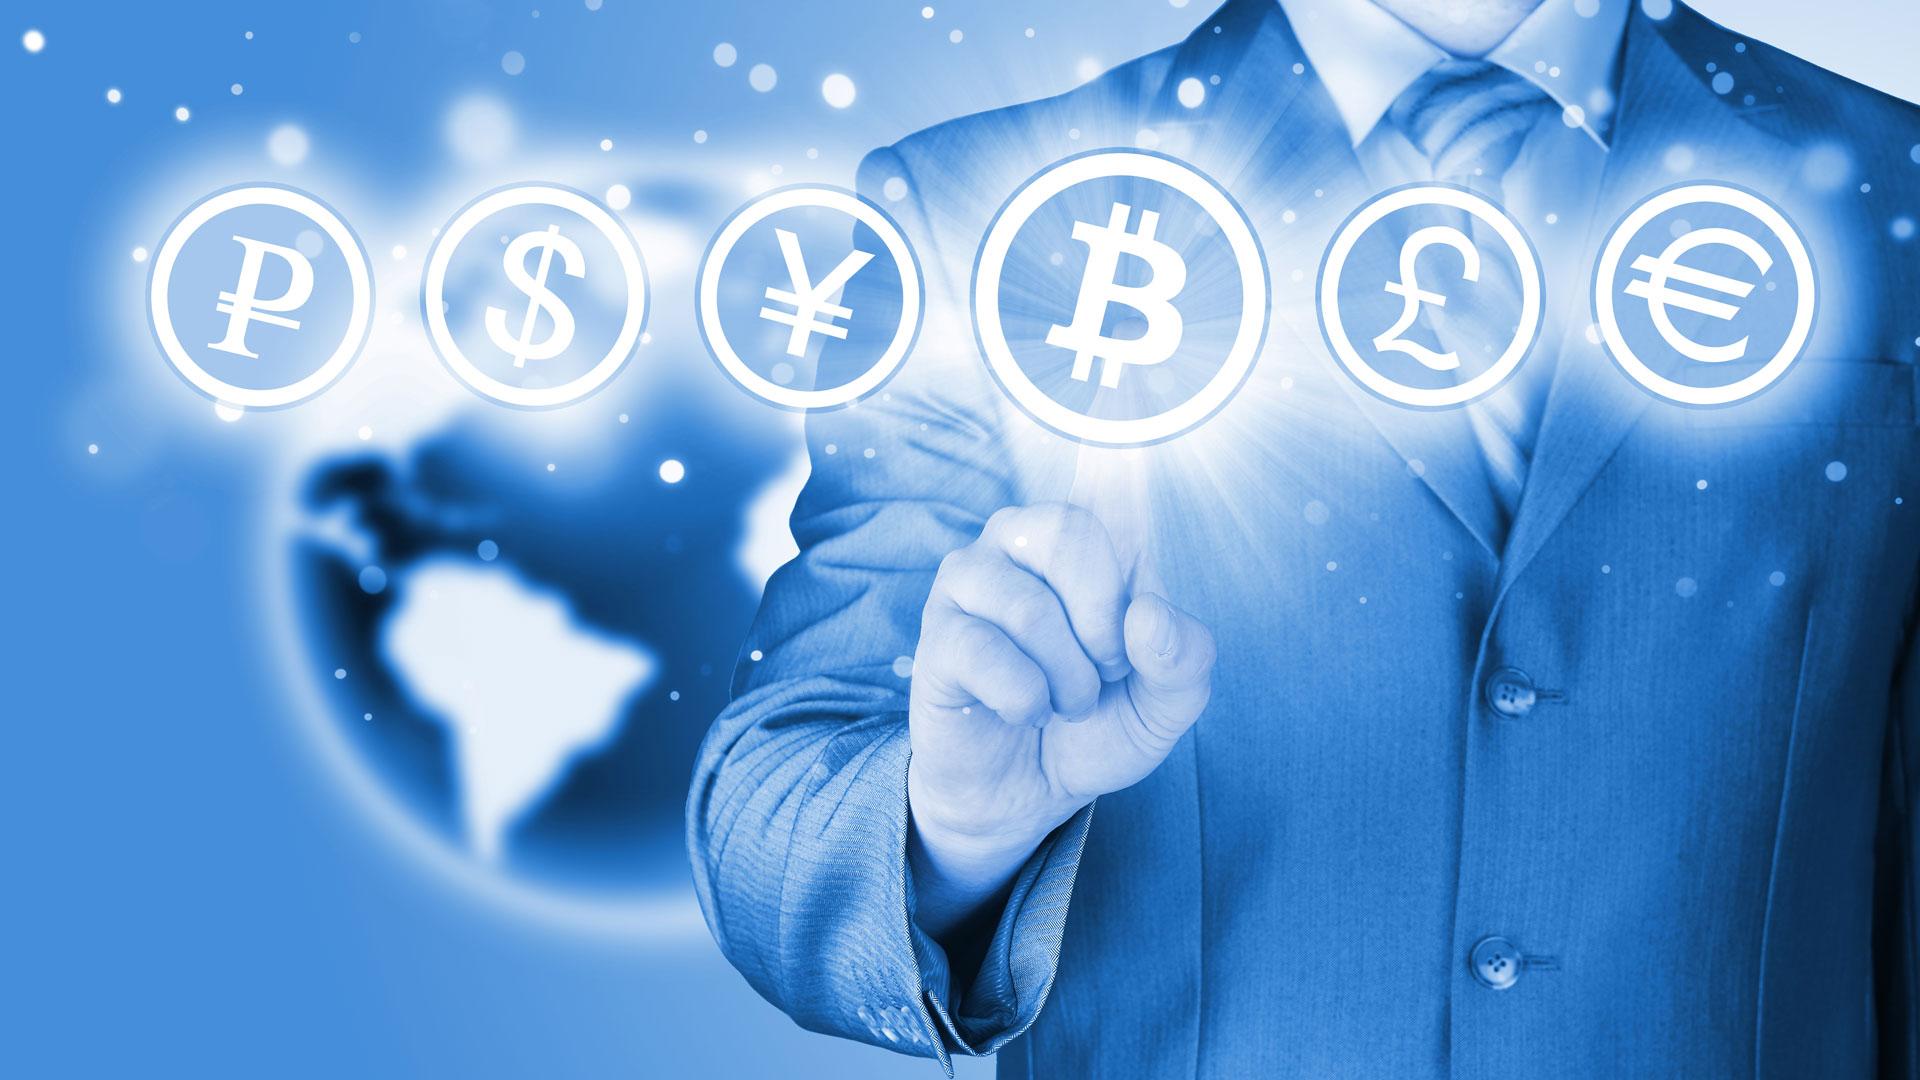 câte bitcoin poți câștiga cu un laptop)